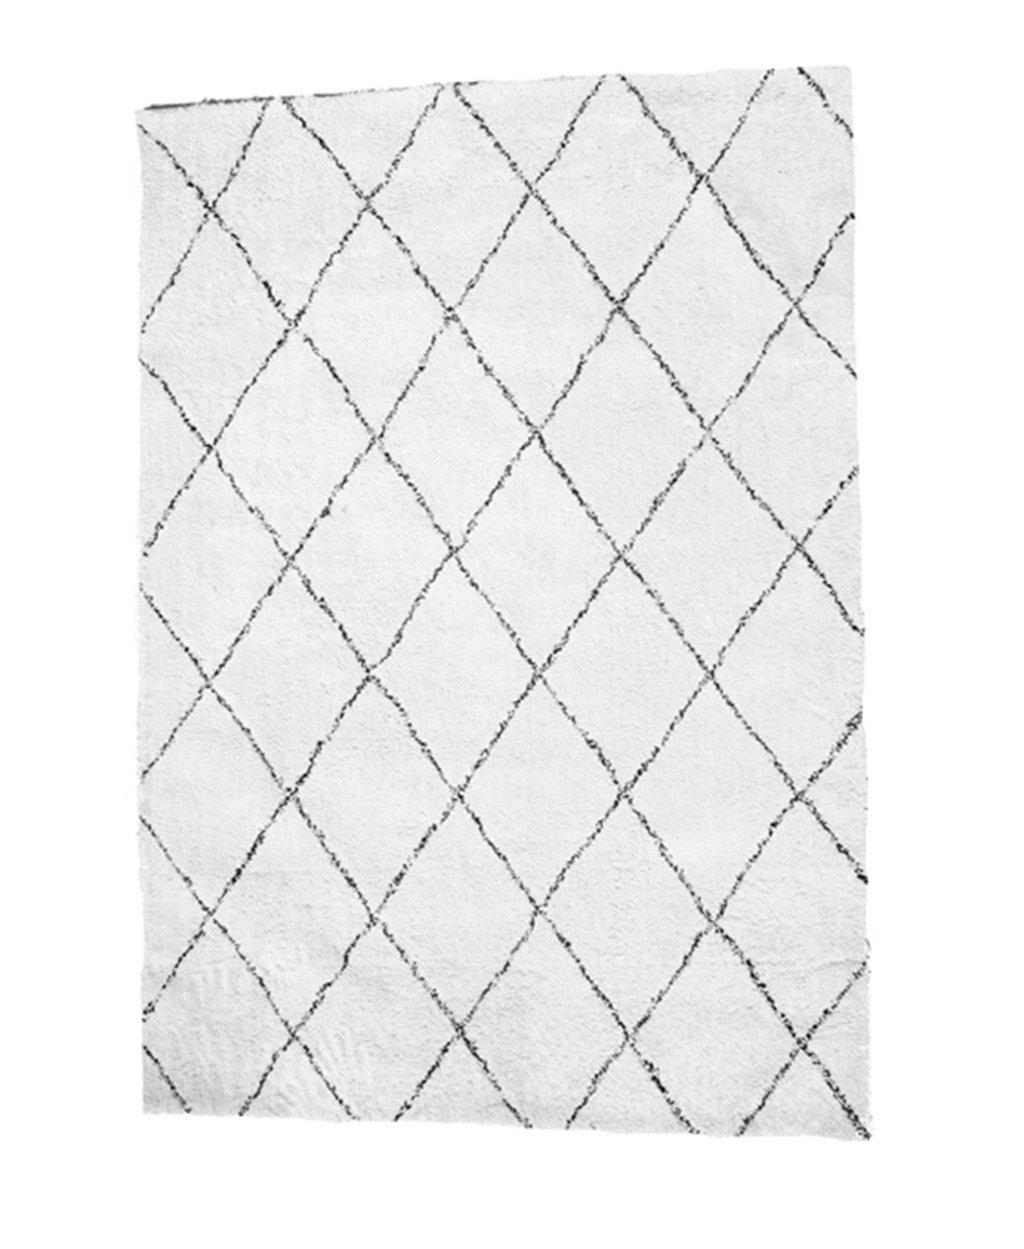 Carpet-G CGN Handgefertigte Teppich, Diamond Line schwarz und weiß Raute Teppich Wohnzimmer Schlafzimmer Studie Teppich weichen bequemen modernen einfach wert es haben weich (größe   200  240cm)